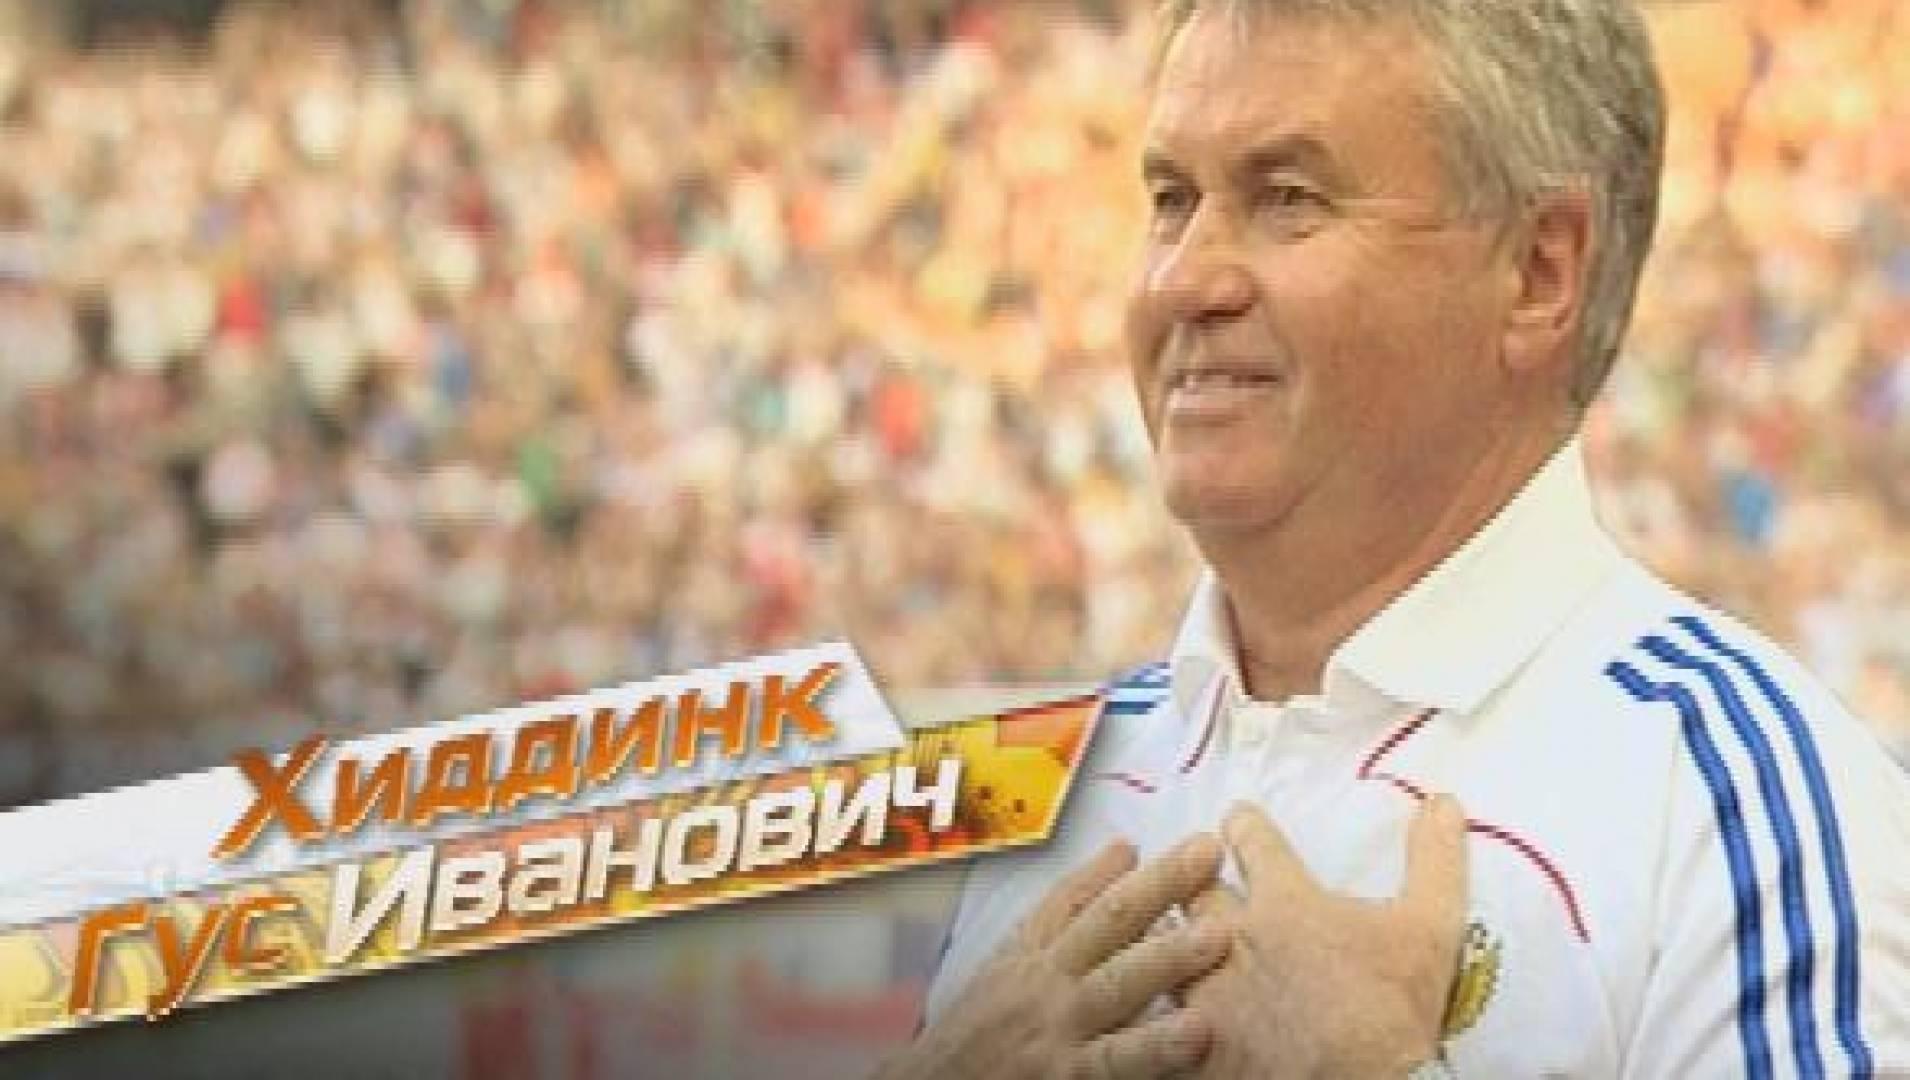 Хиддинк. Гус Иванович - Документальный фильм